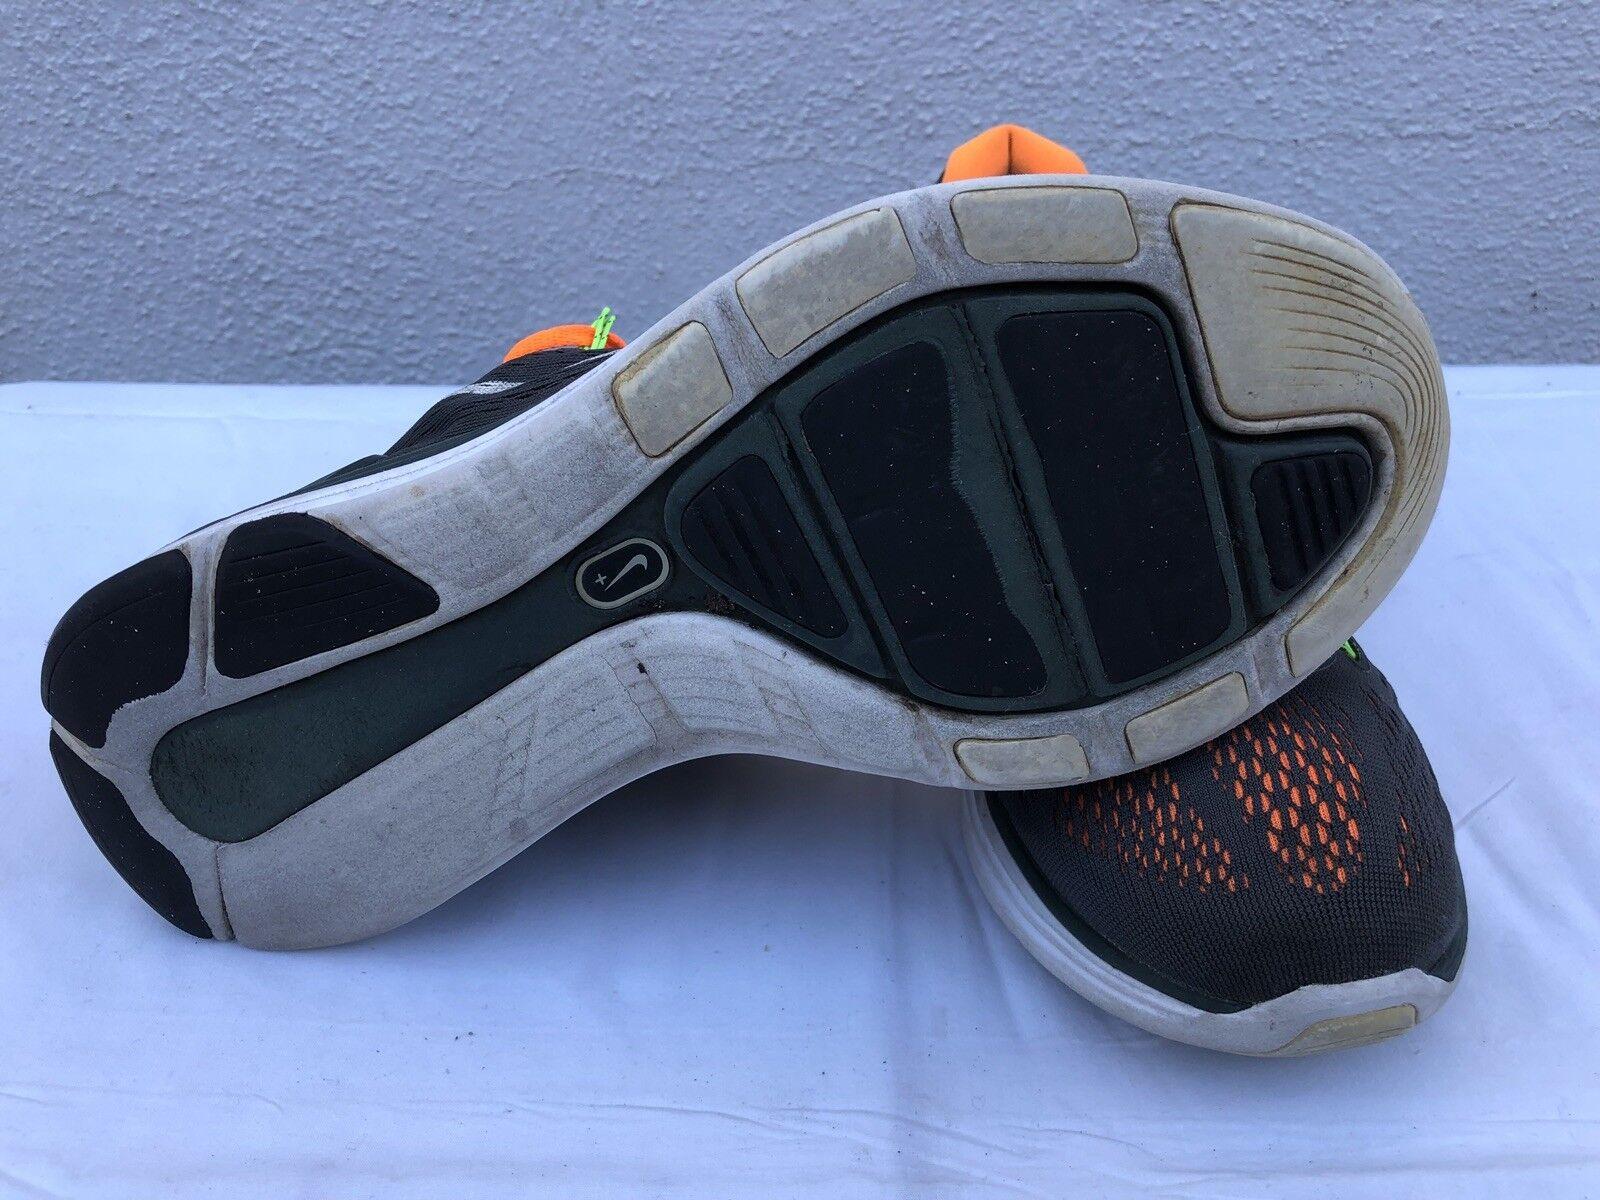 Euc nike lunarglide 9,5 + 5 mens größe 9,5 lunarglide laufschuhe gray orange 599160-010 ein af5a00